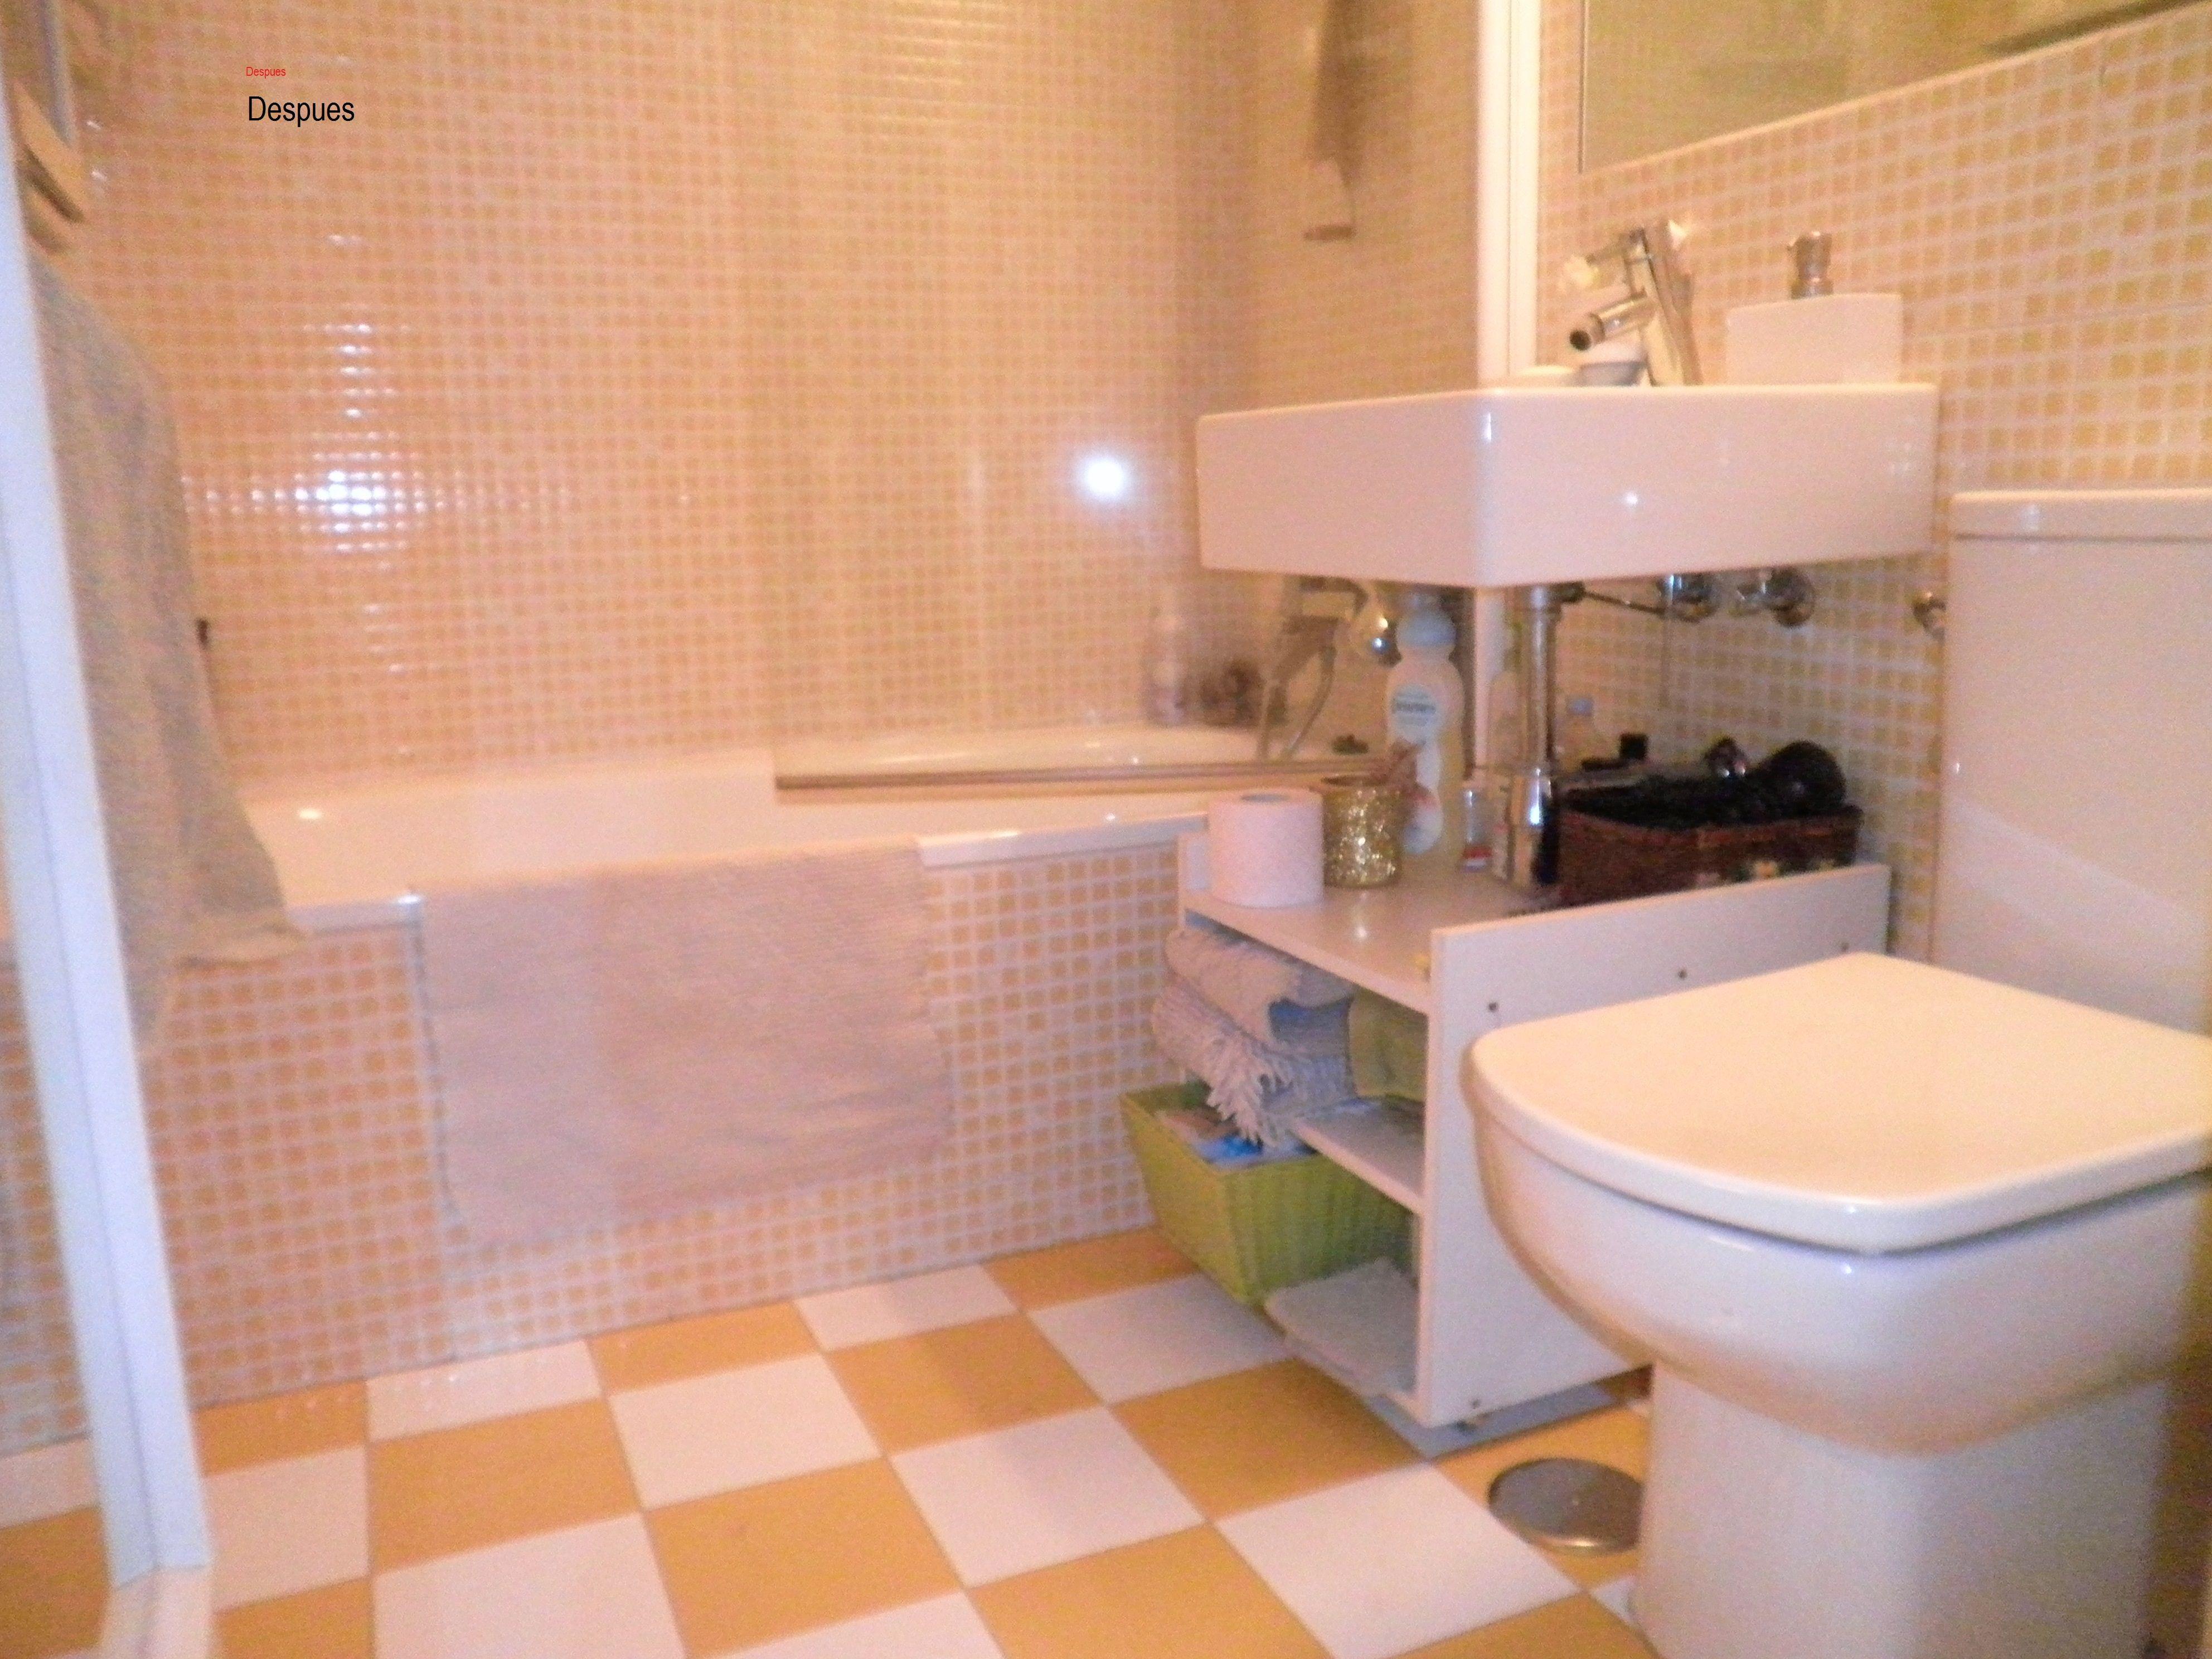 Baños gresite amarillo-blanco, detalle de la disposición de los ...